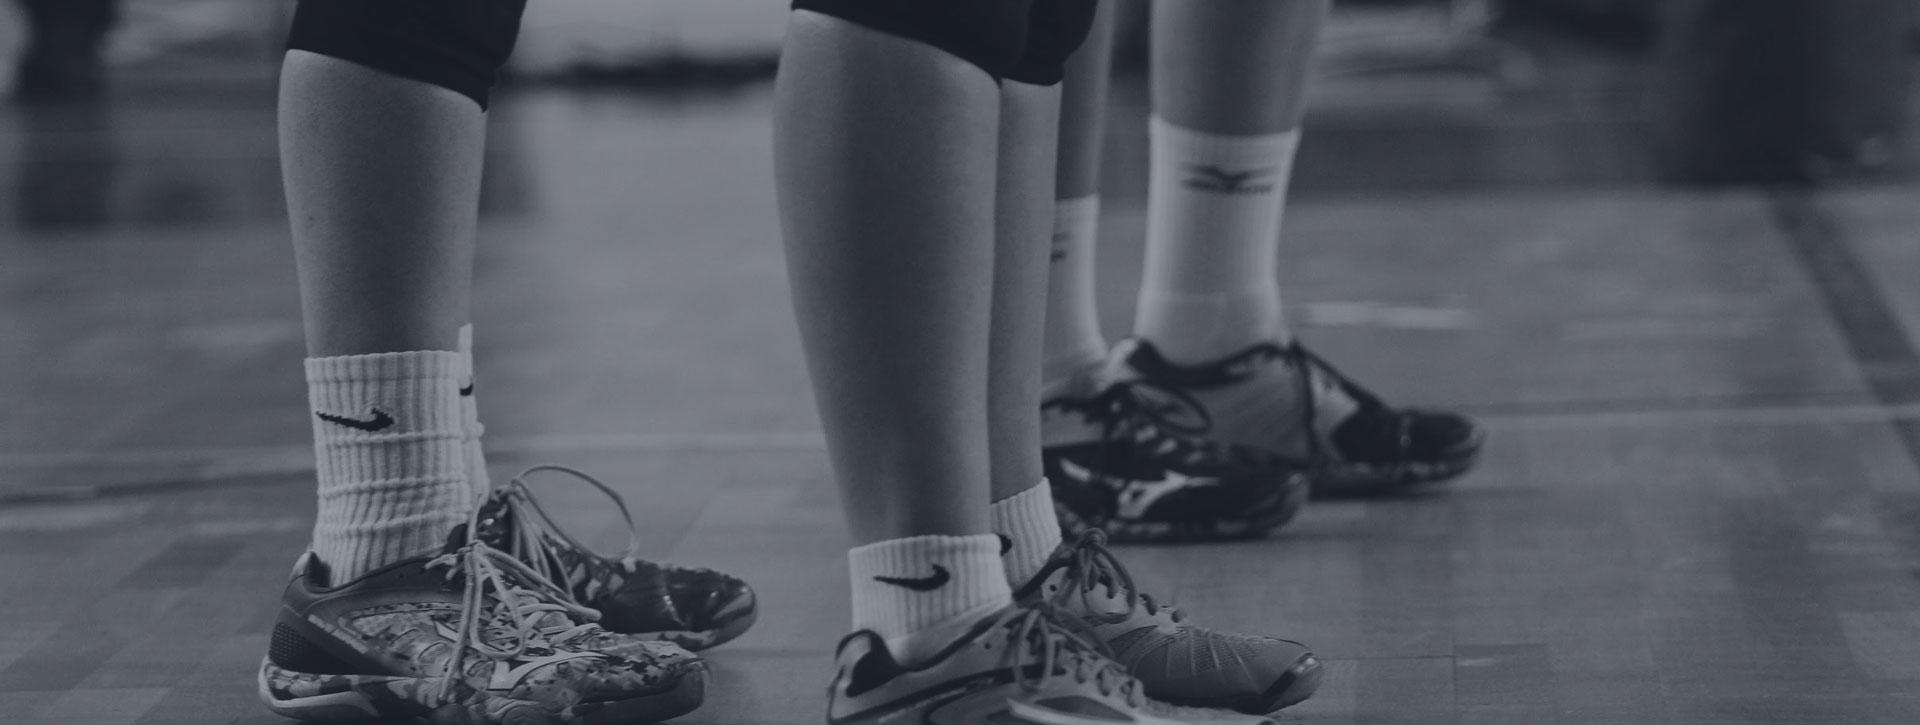 El Club Esportiu del Berguedà, compañero de viaje del Volleyball Training Camp